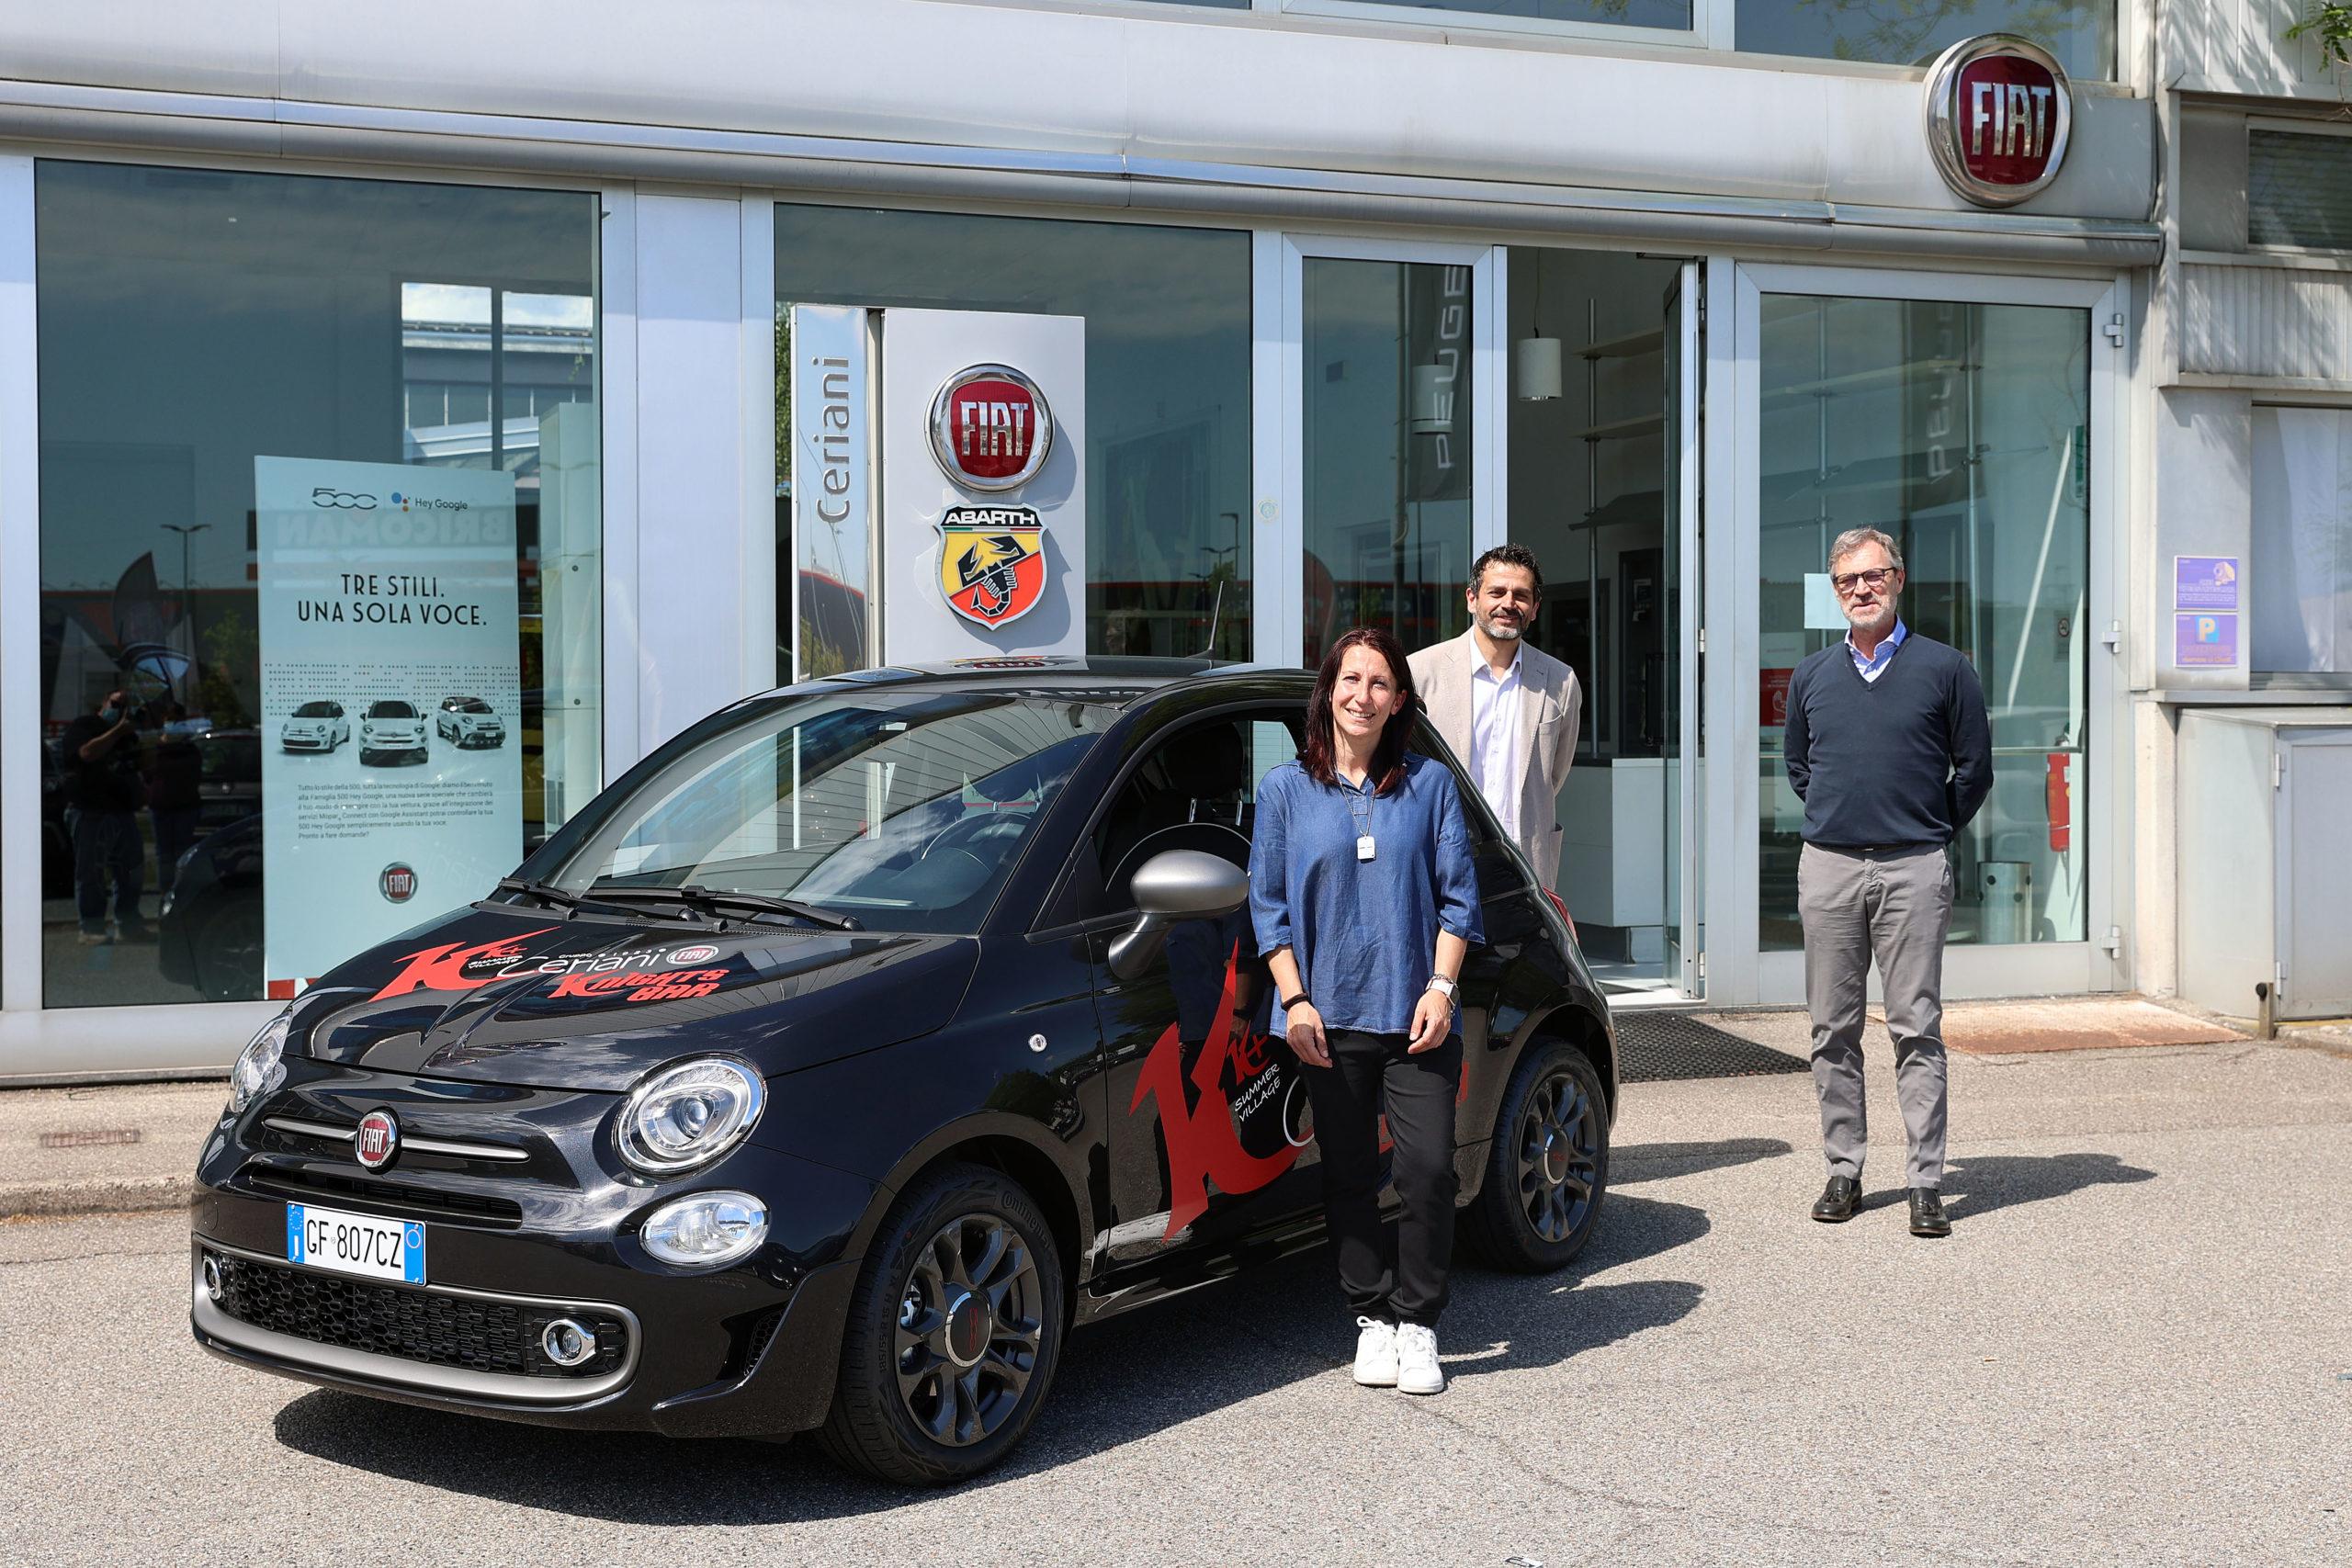 Le auto del K+ di Ceriani Auto post thumbnail image